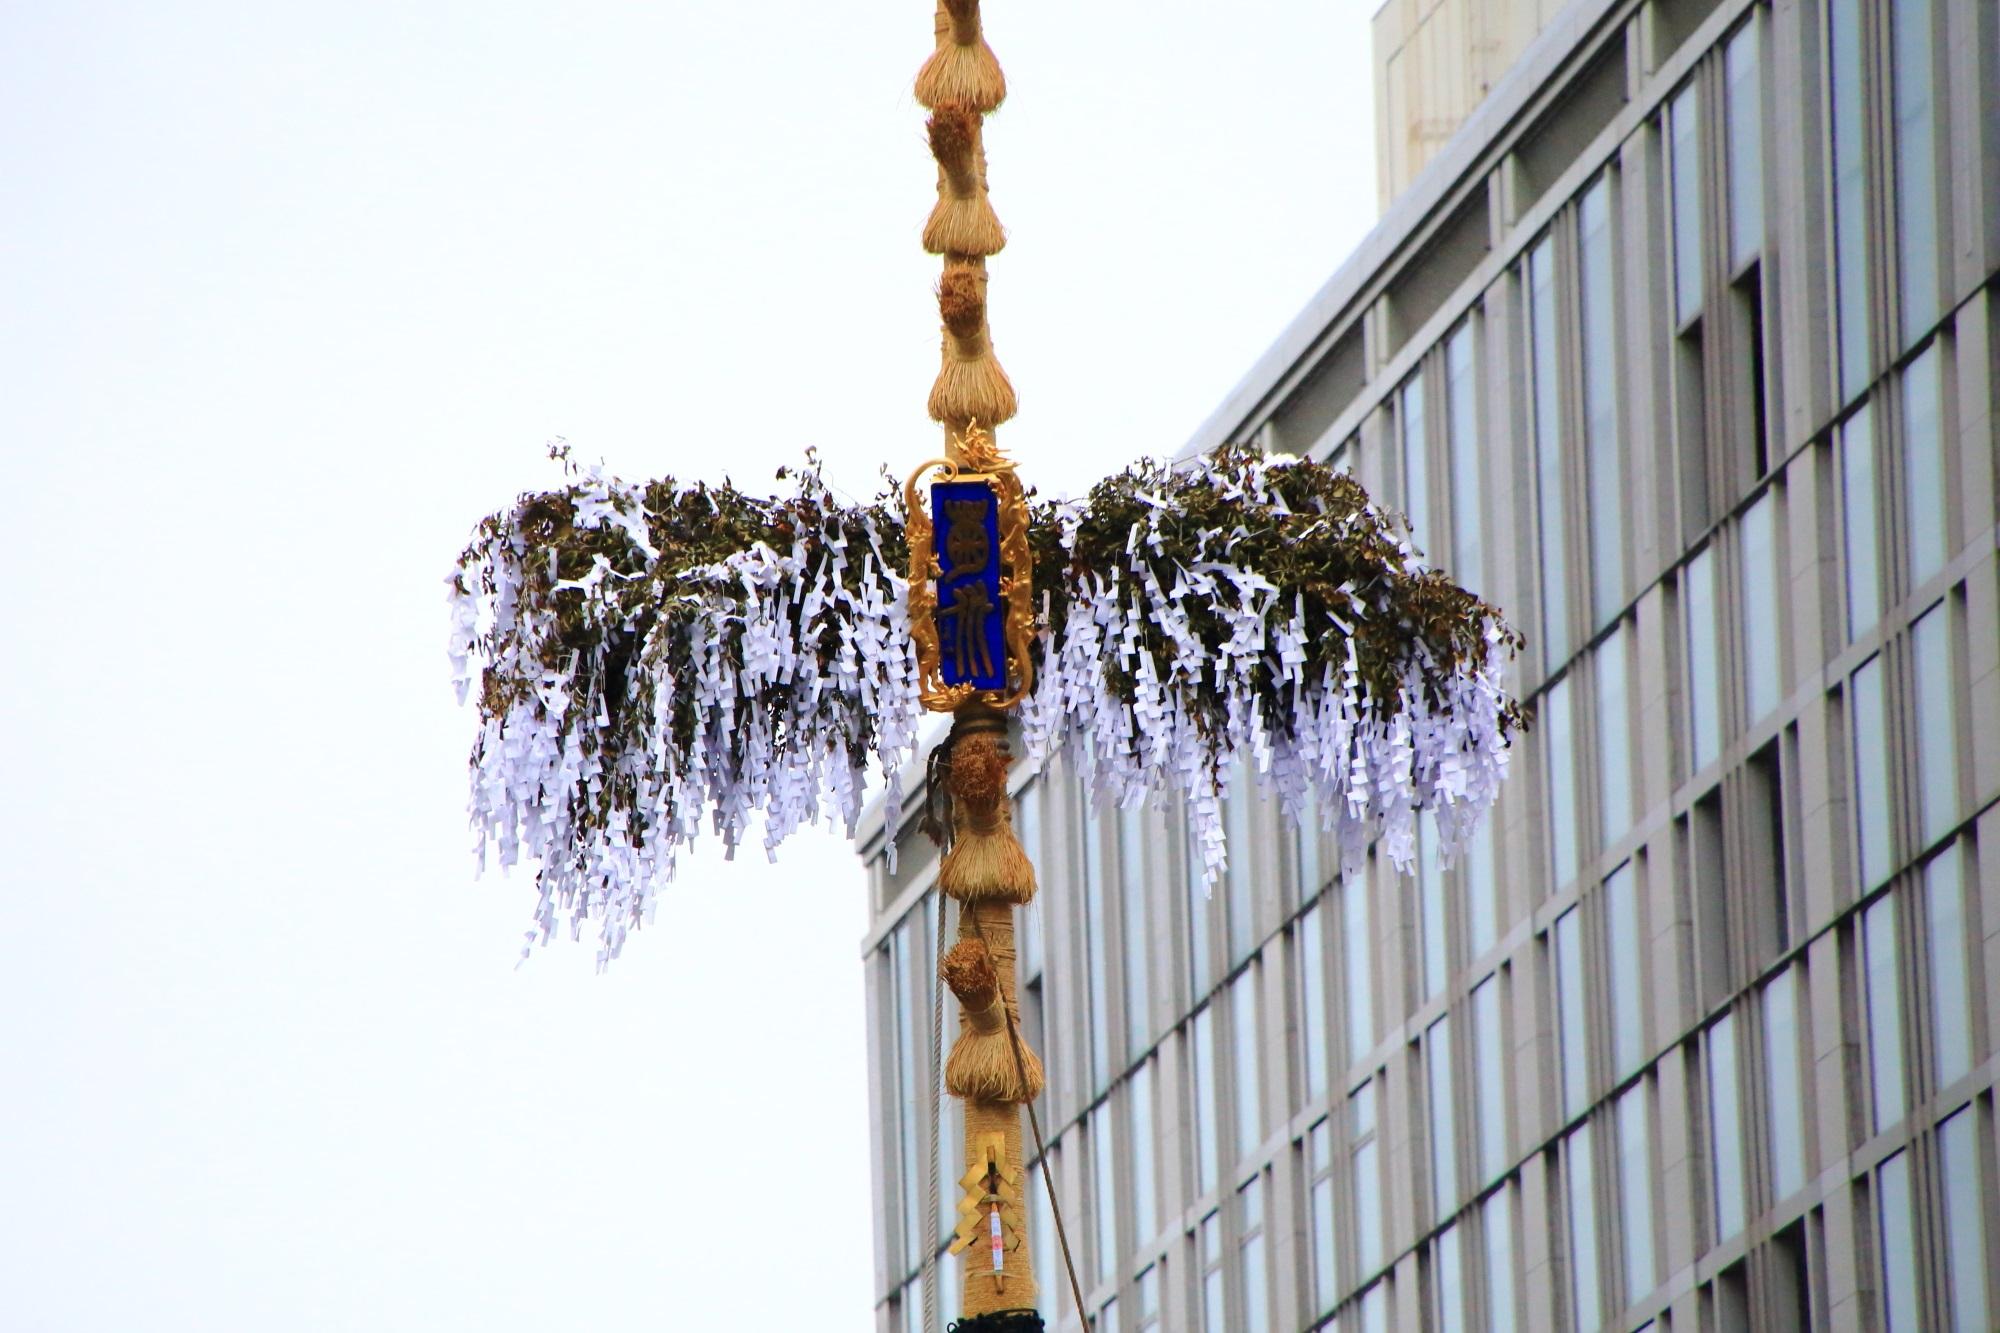 祇園祭山鉾巡行の菊水鉾(きくすいほこ)